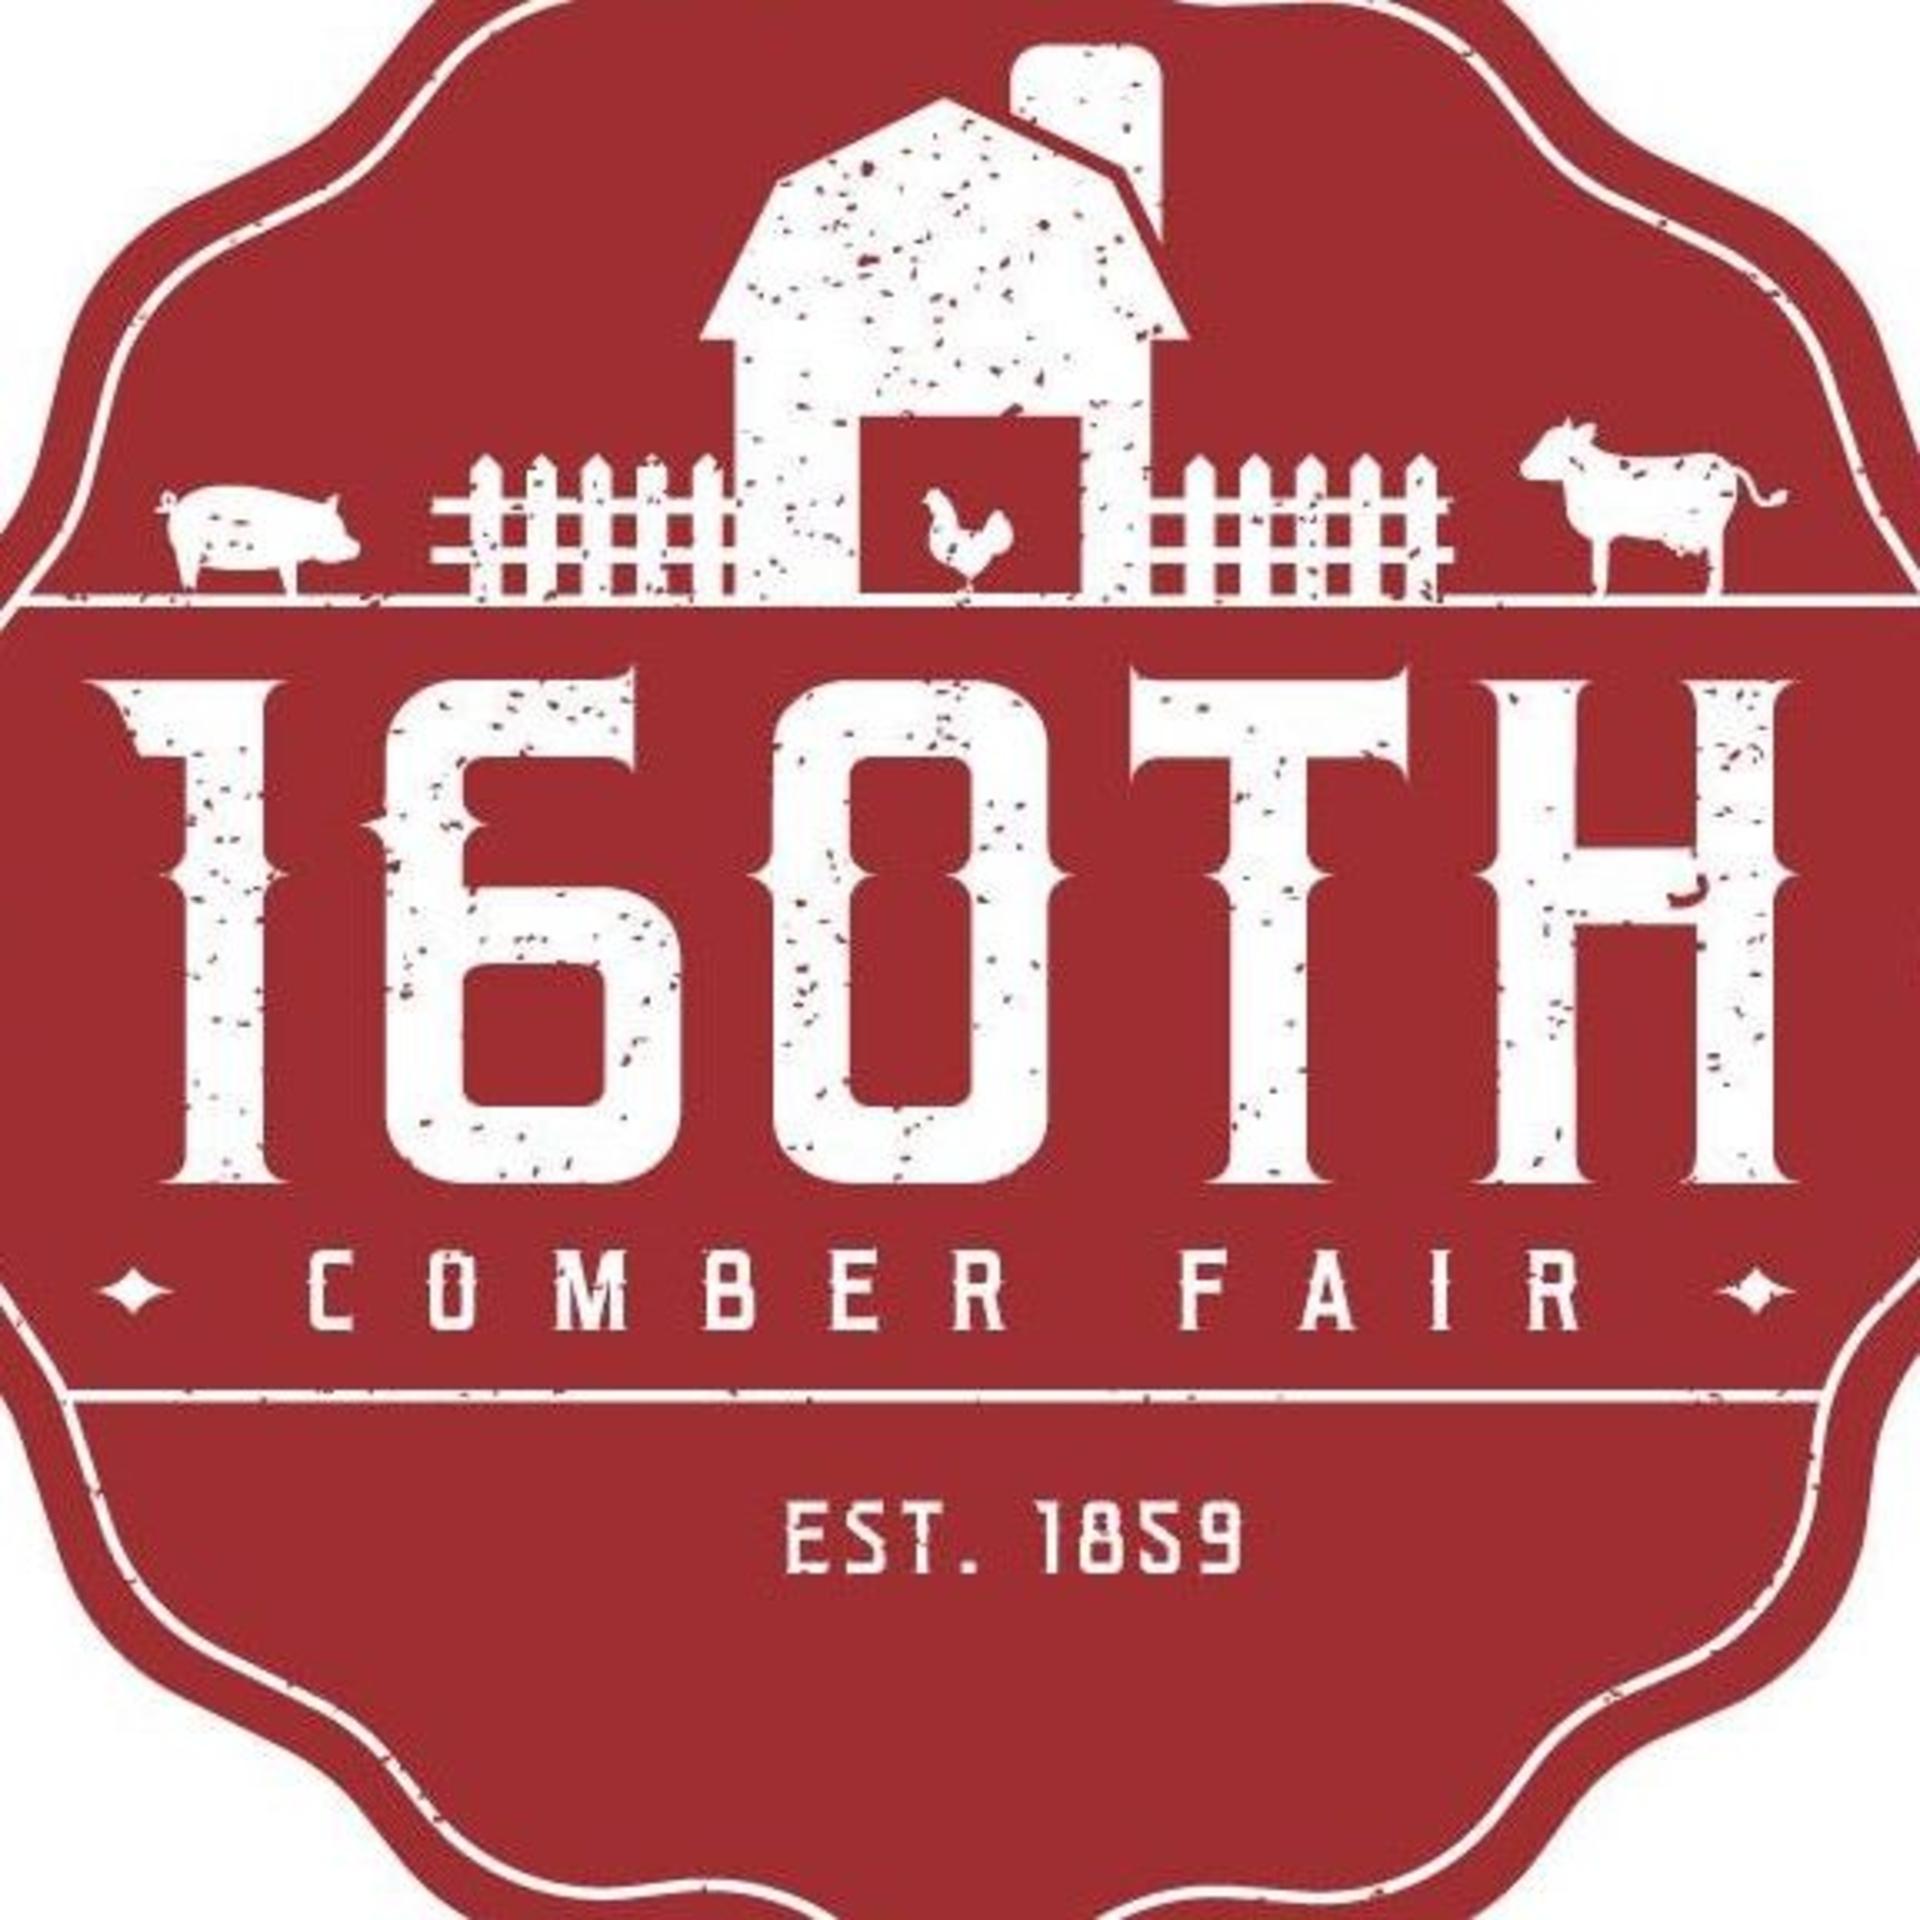 159th Annual Comber Fair